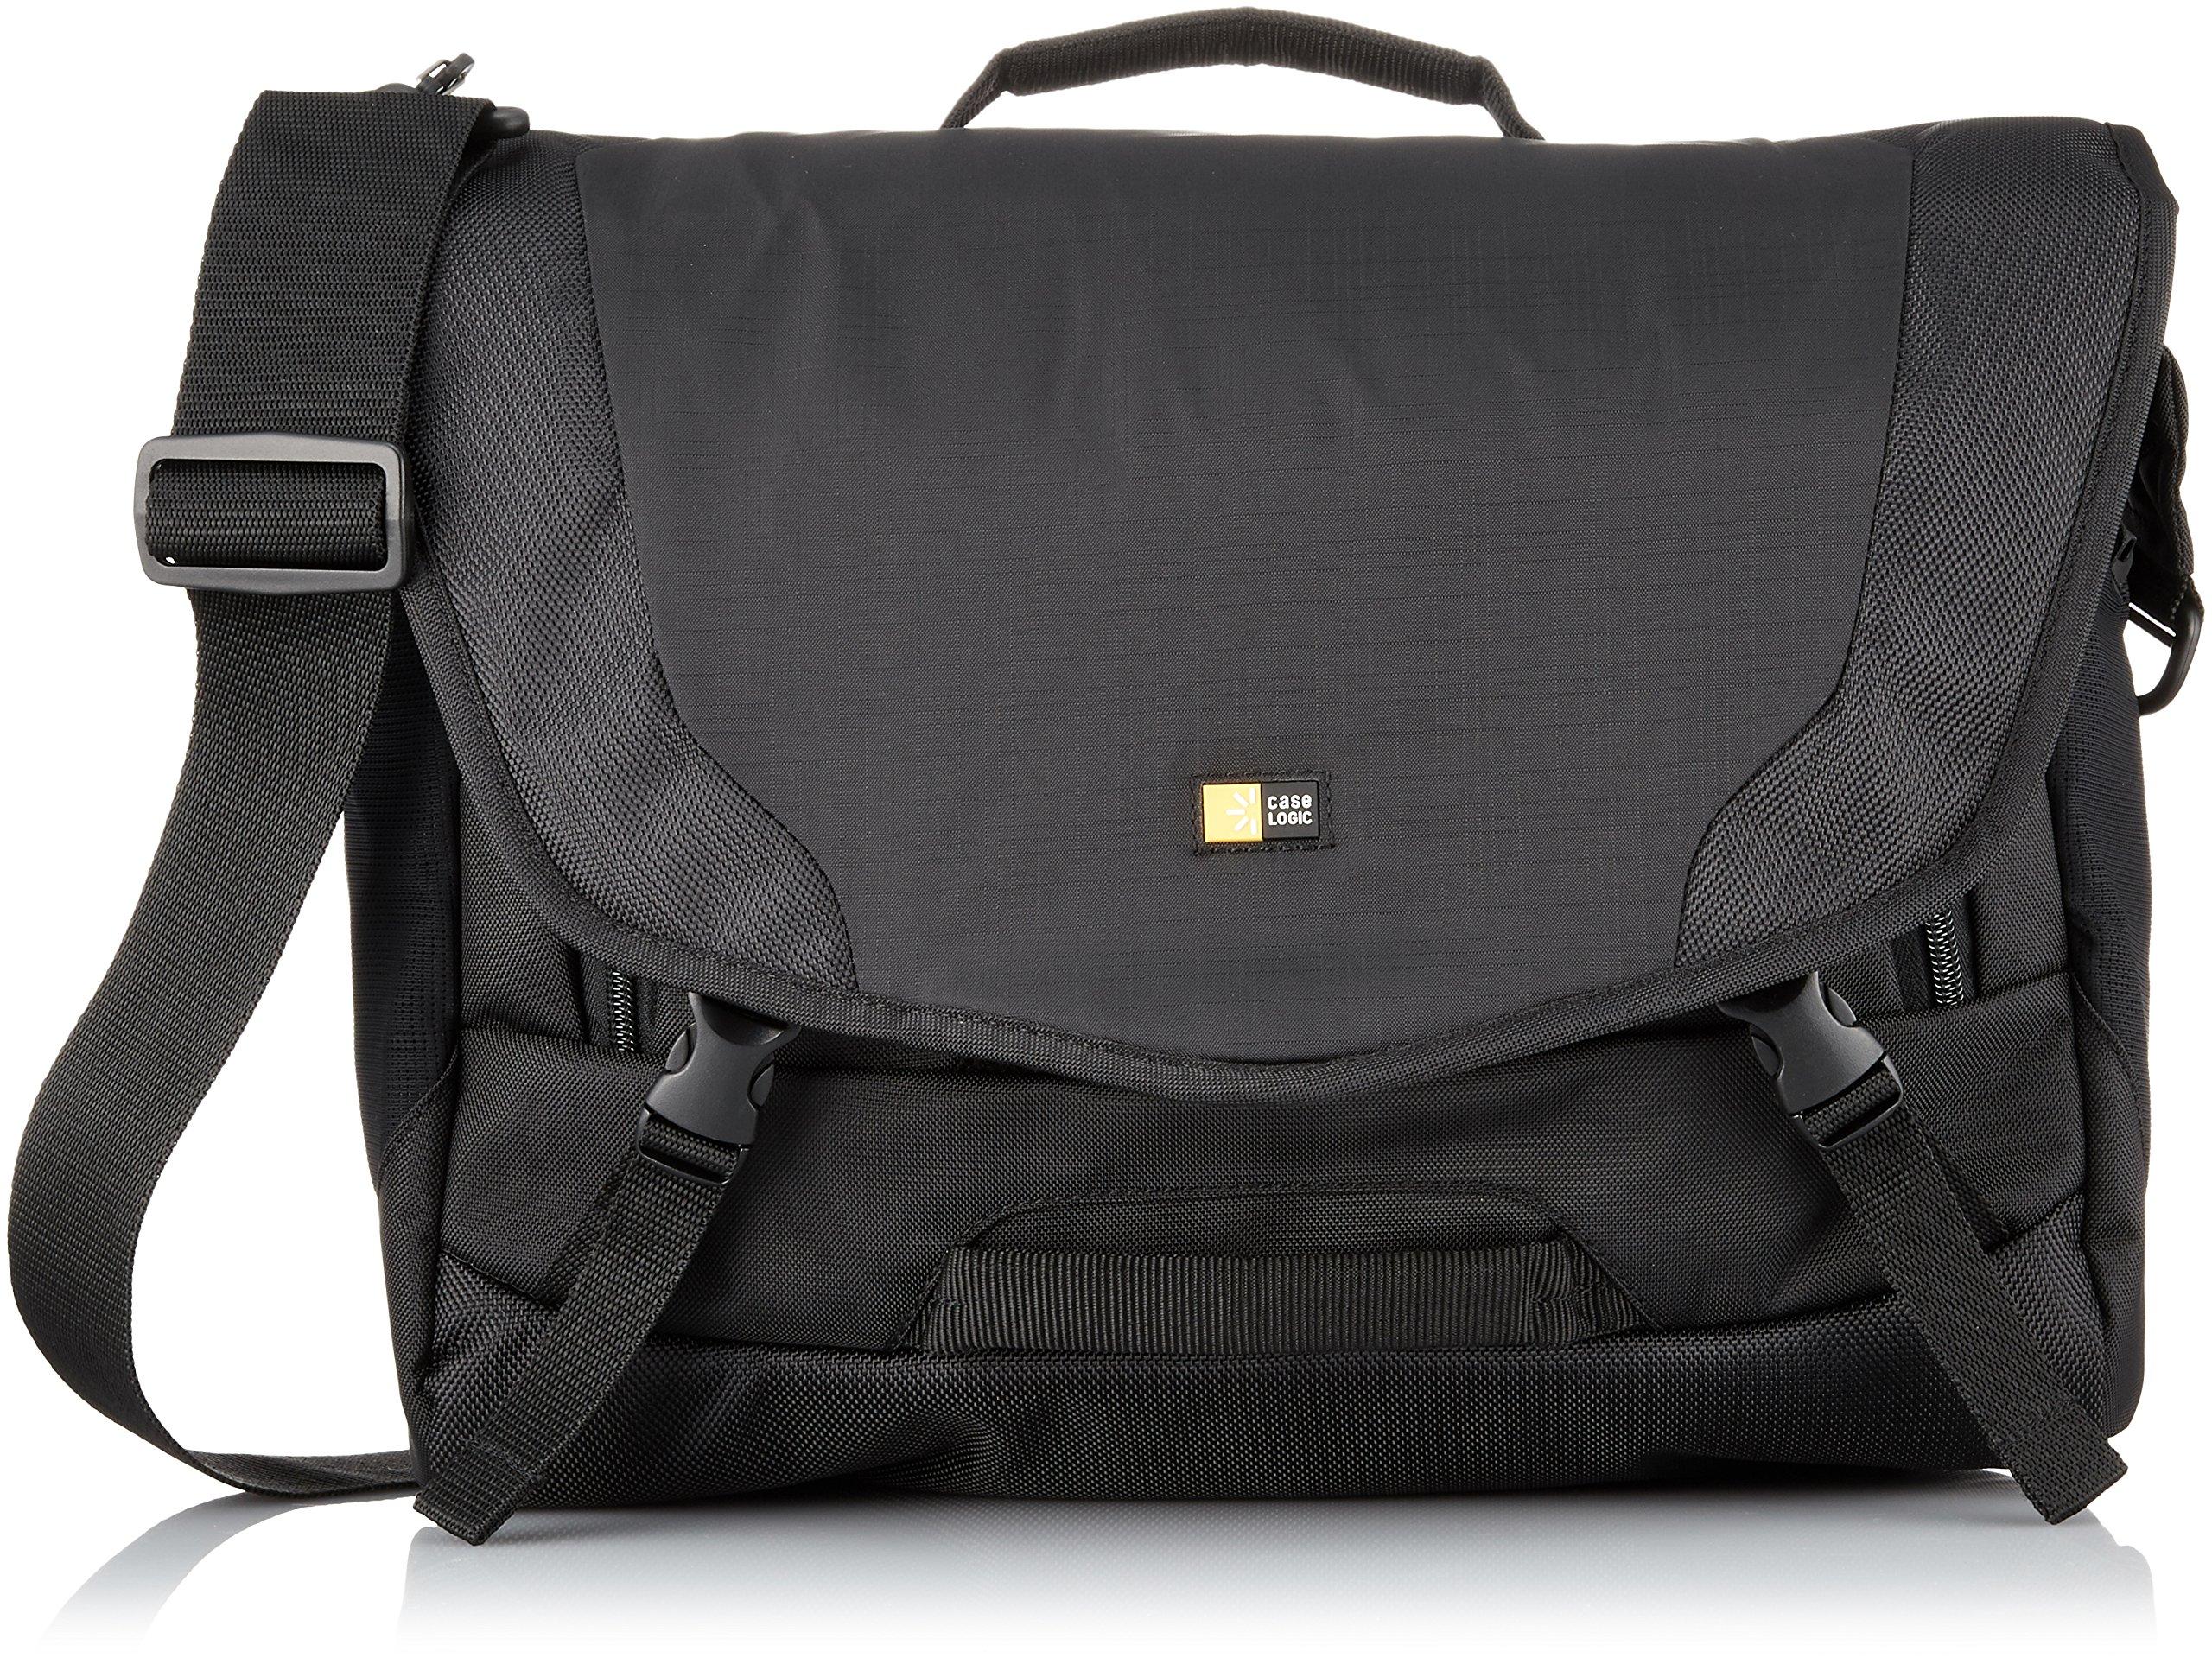 Case Logic DSM-103 Large DSLR with iPad Messenger Bag (Black)